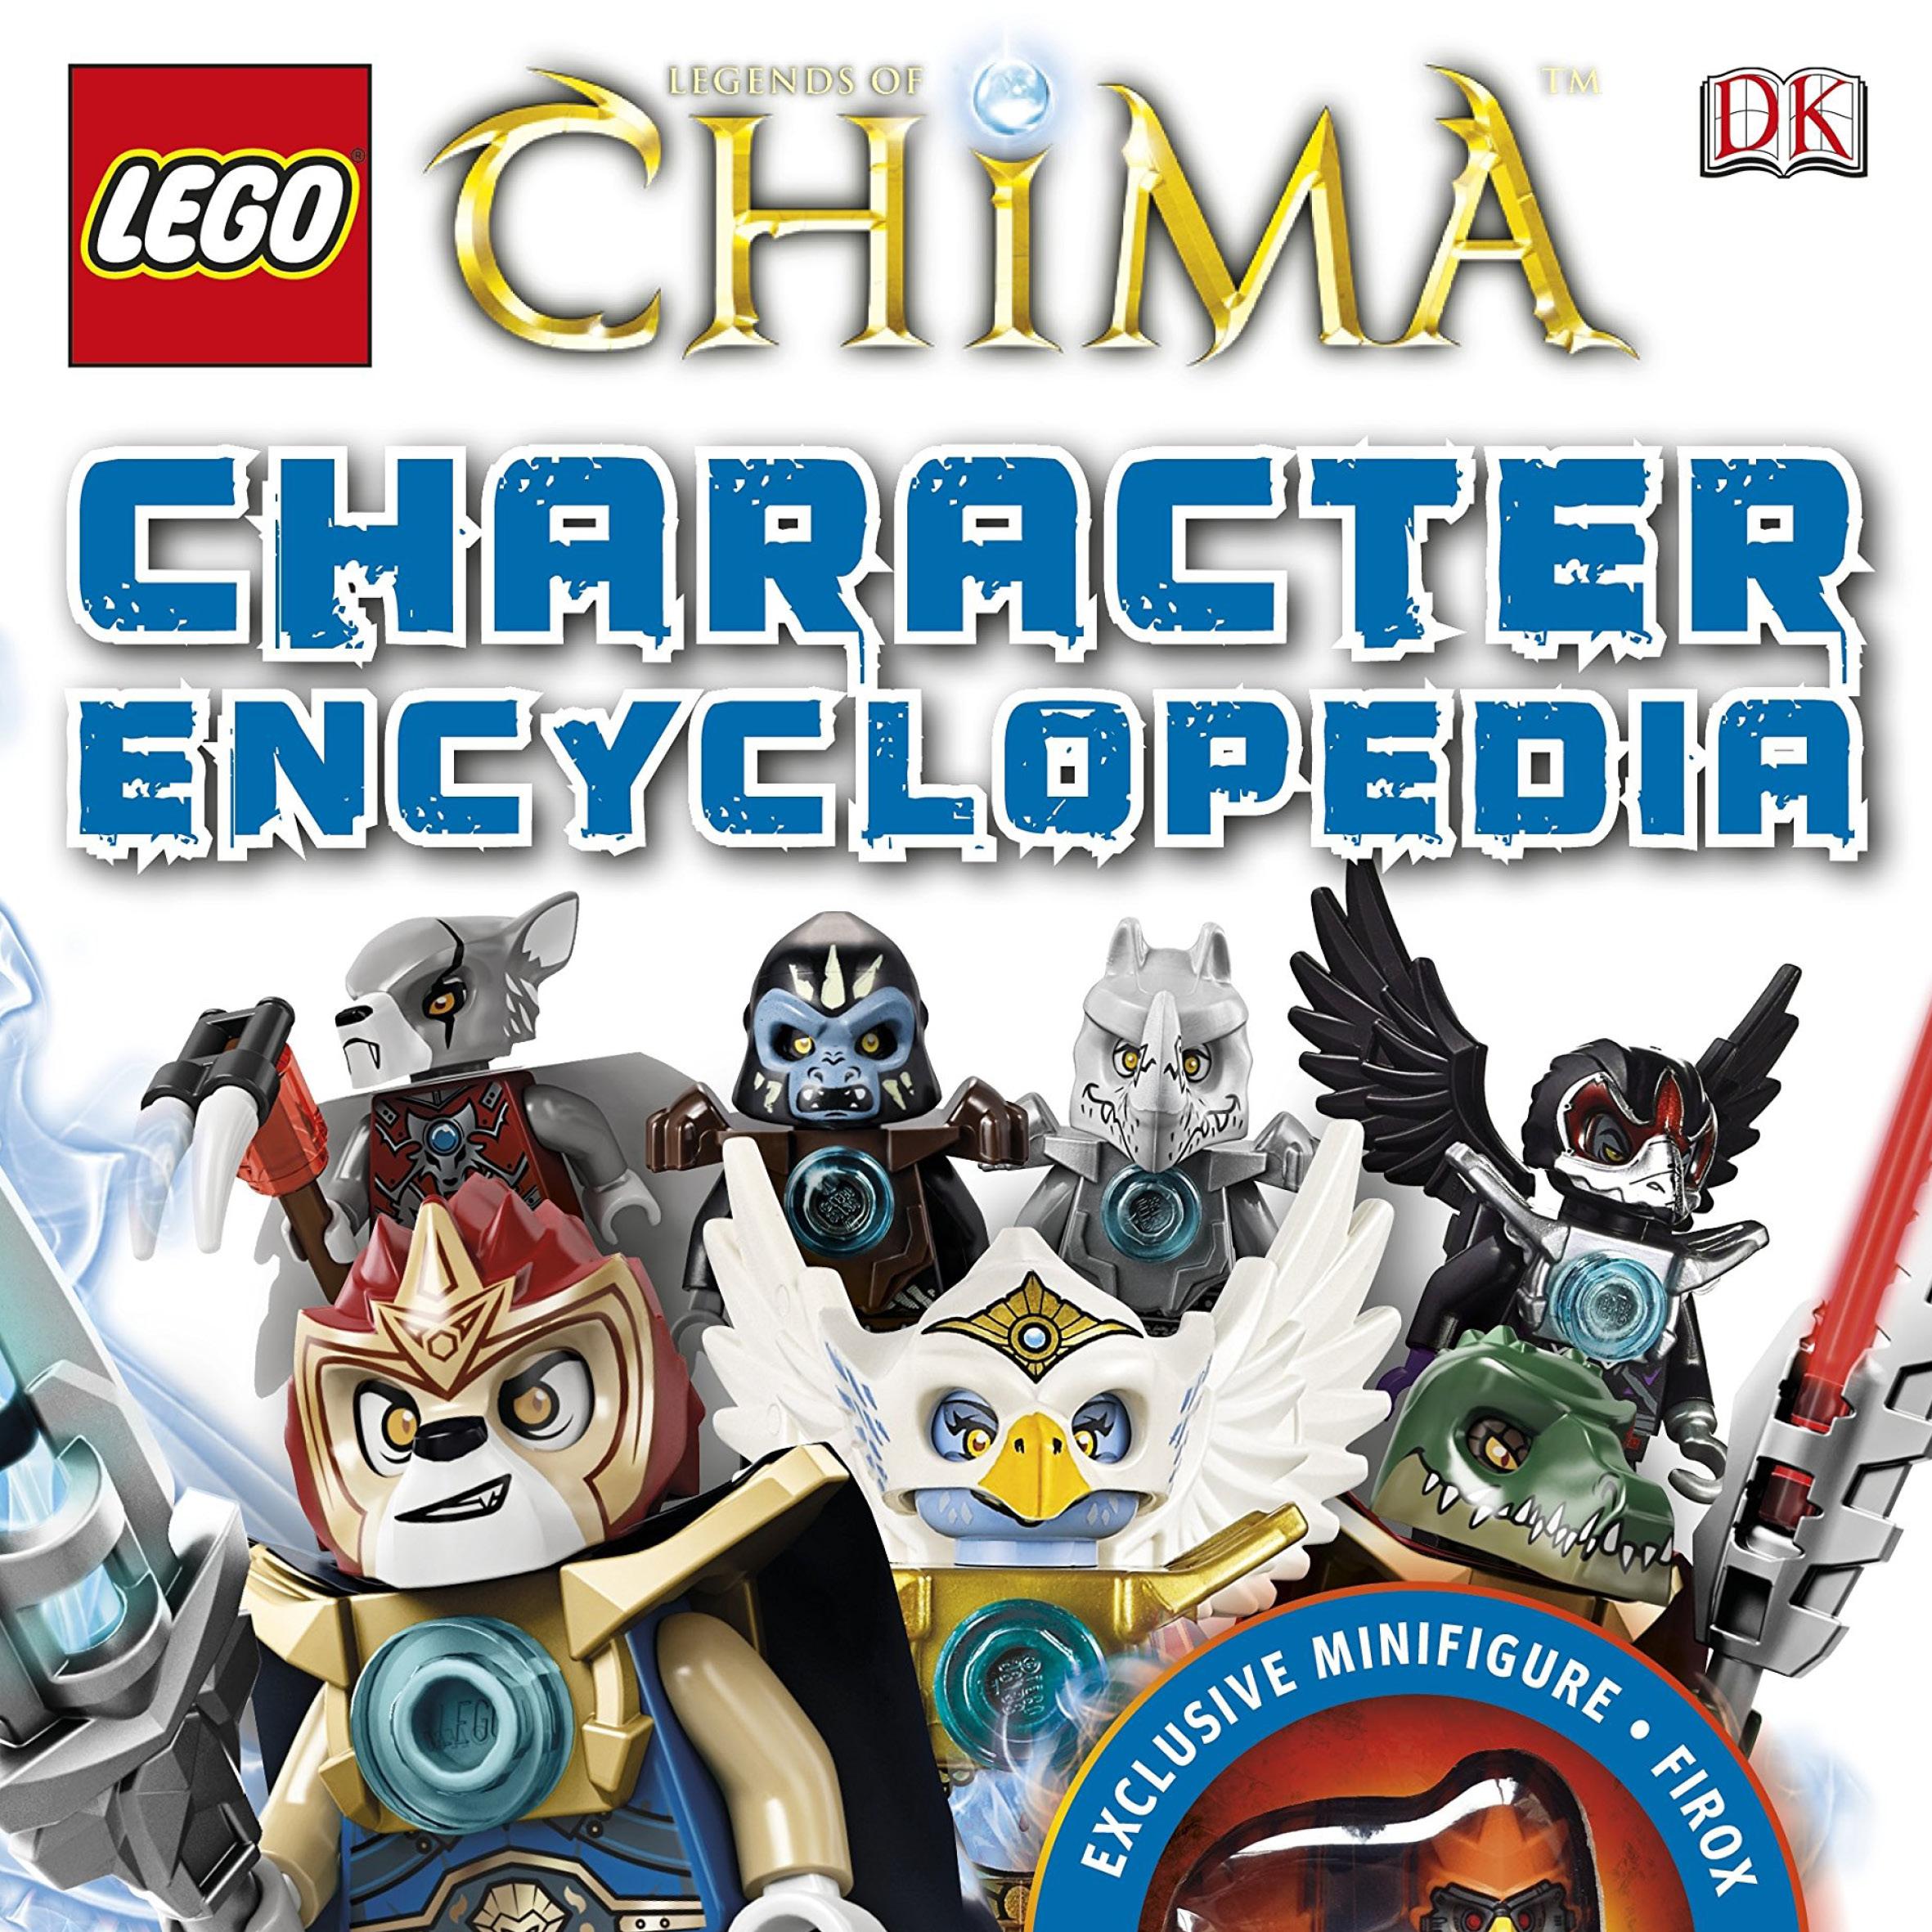 LEGO CHIMA THUMB